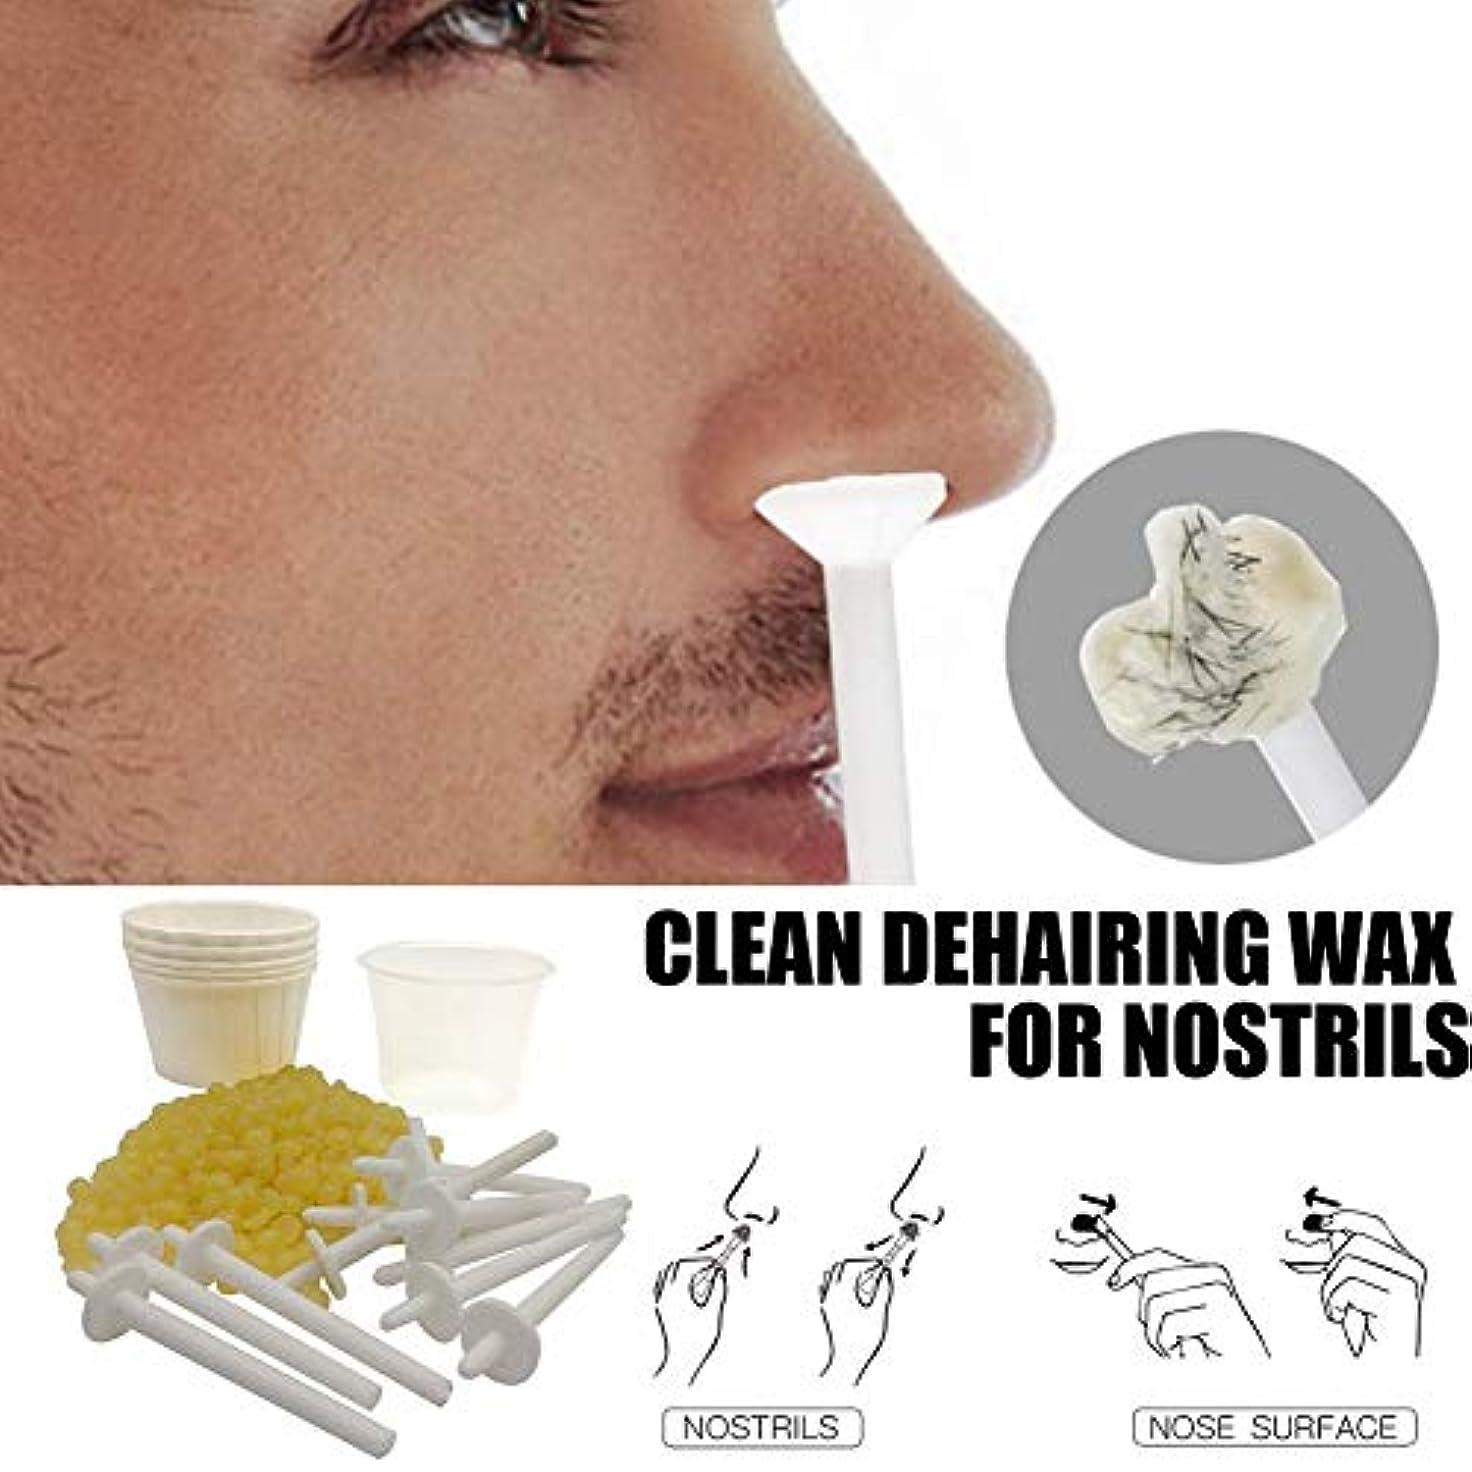 焦げ闇競うSILUN 鼻毛除去ワックスキット 鼻毛除去化粧道具 ノーズワックスポッド ポータブル道具 迅速かつ無痛 (50グラム/ 10回使用回数)